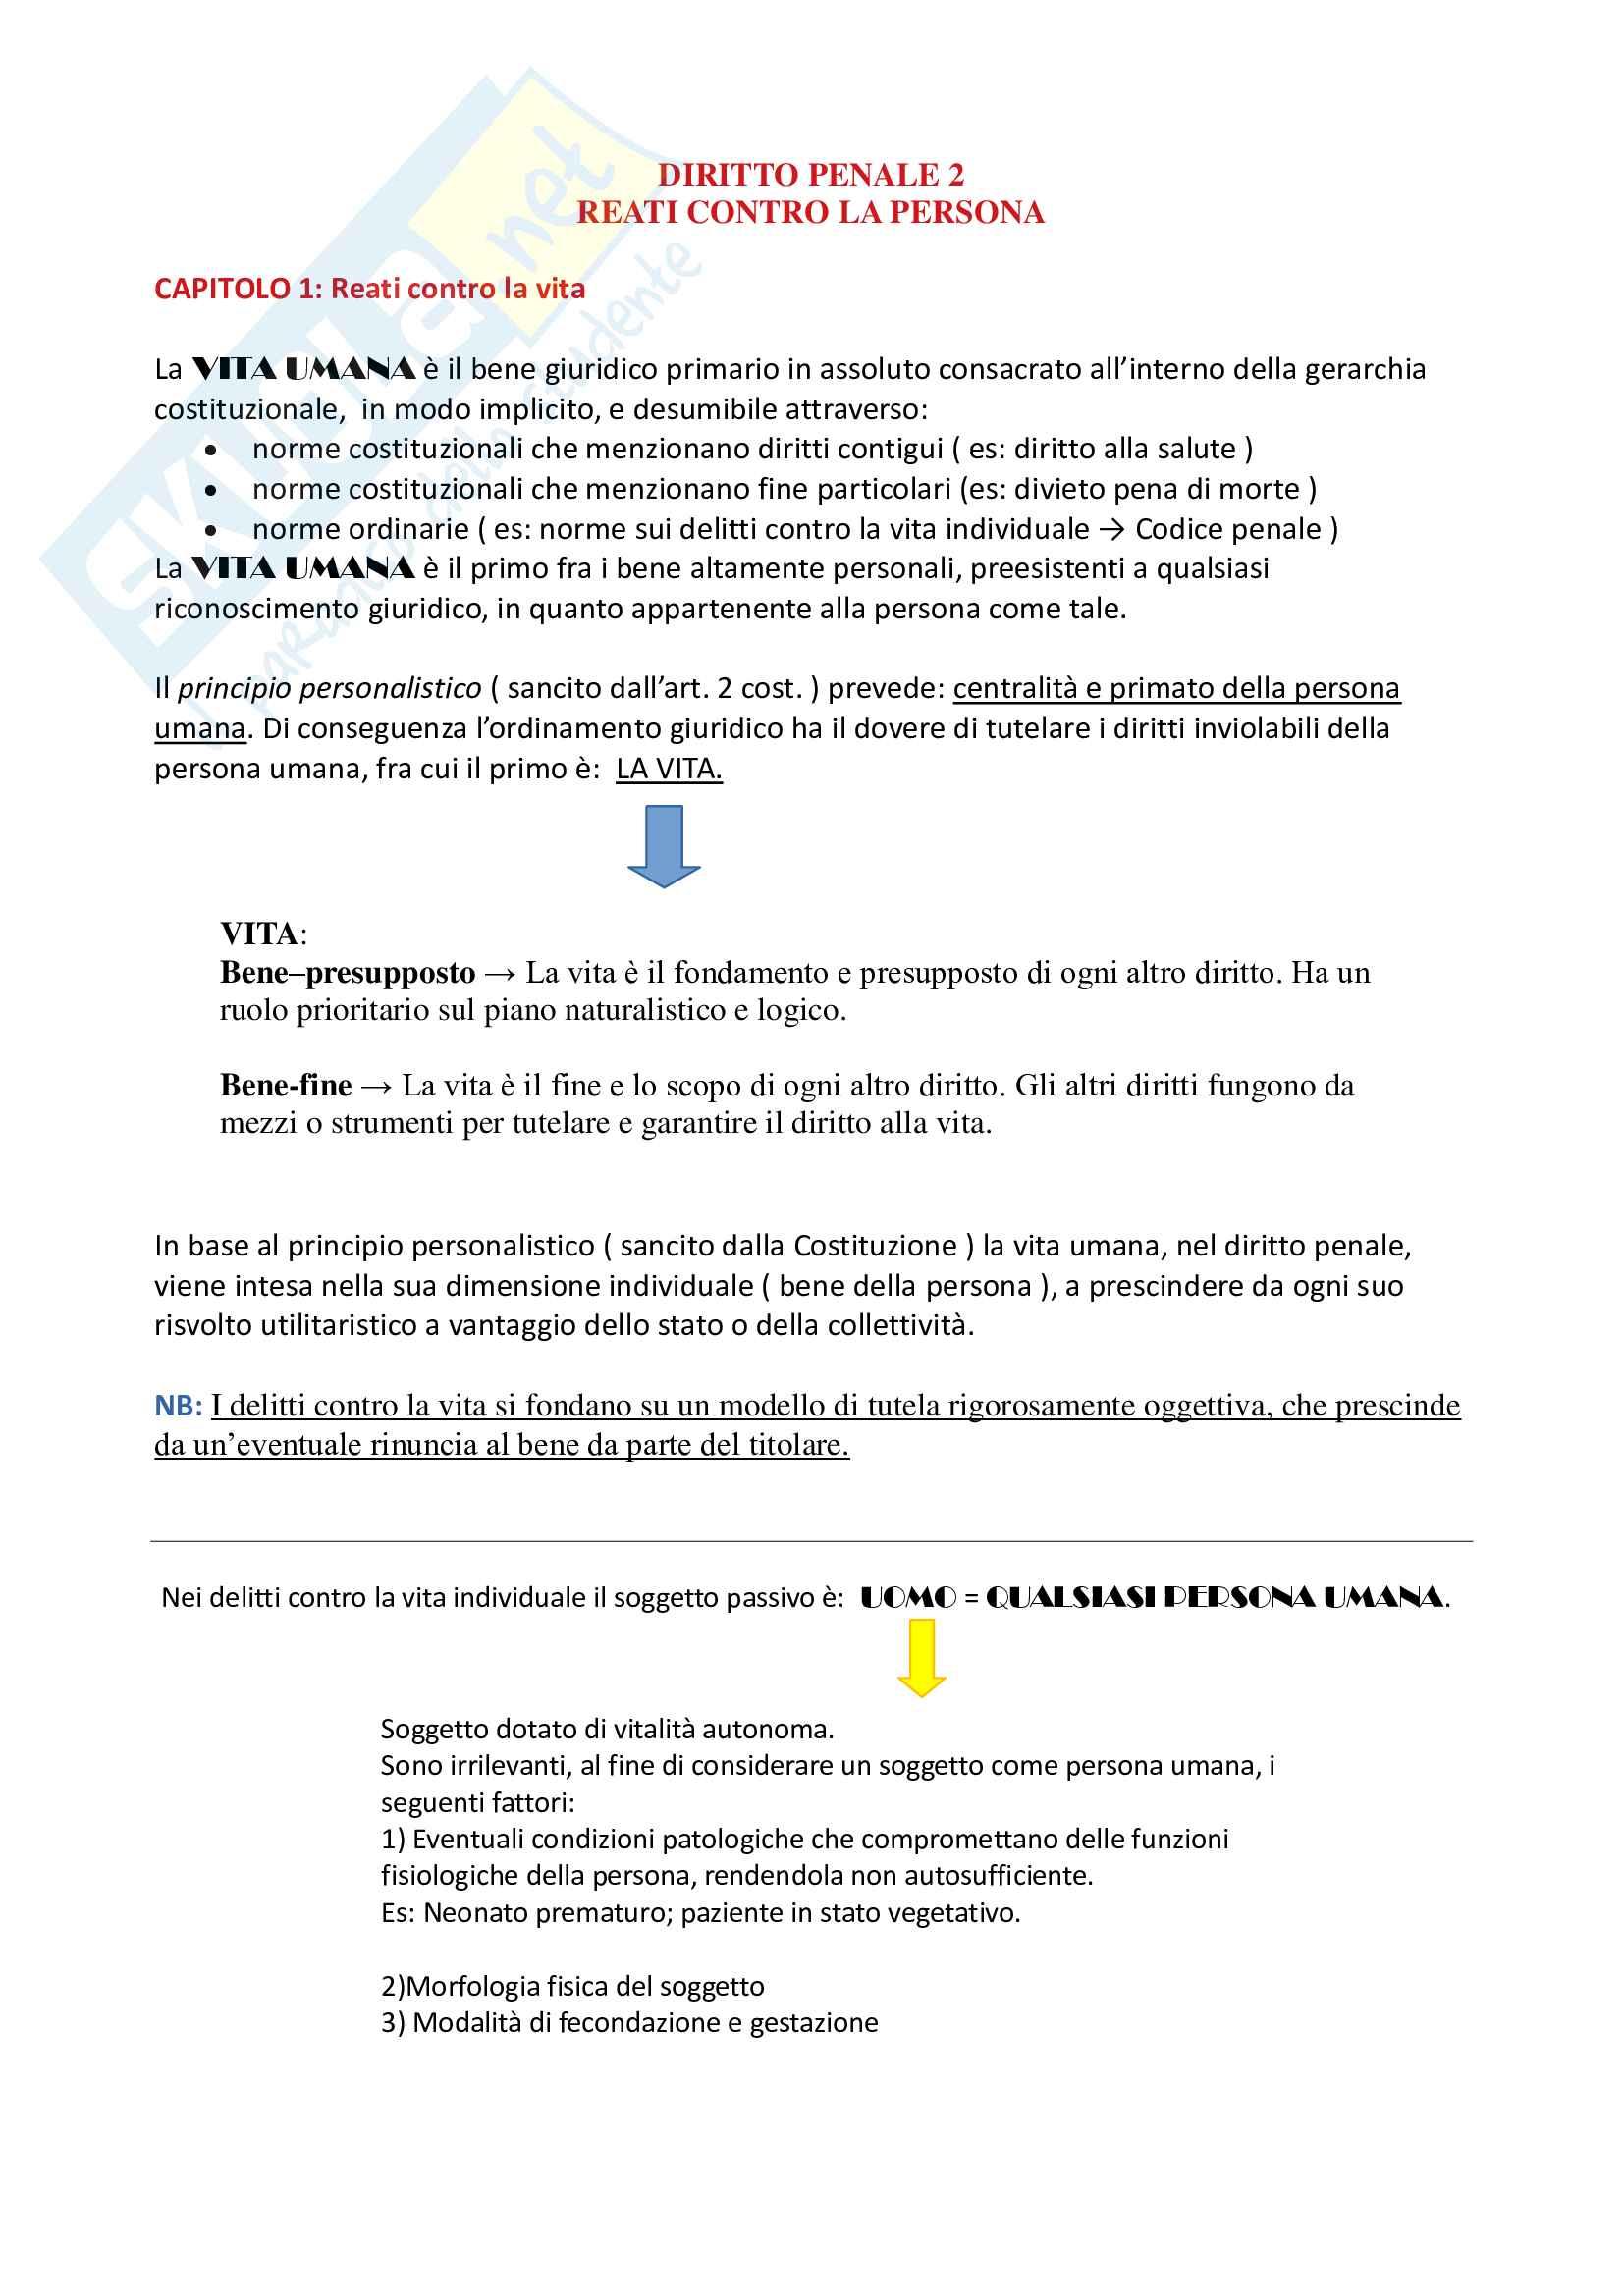 Riassunto esame Diritto Penale 2, prof. Fiorella, libro consigliato Manuale di diritto penale, Questioni fondamentali della parte speciale del diritto penale